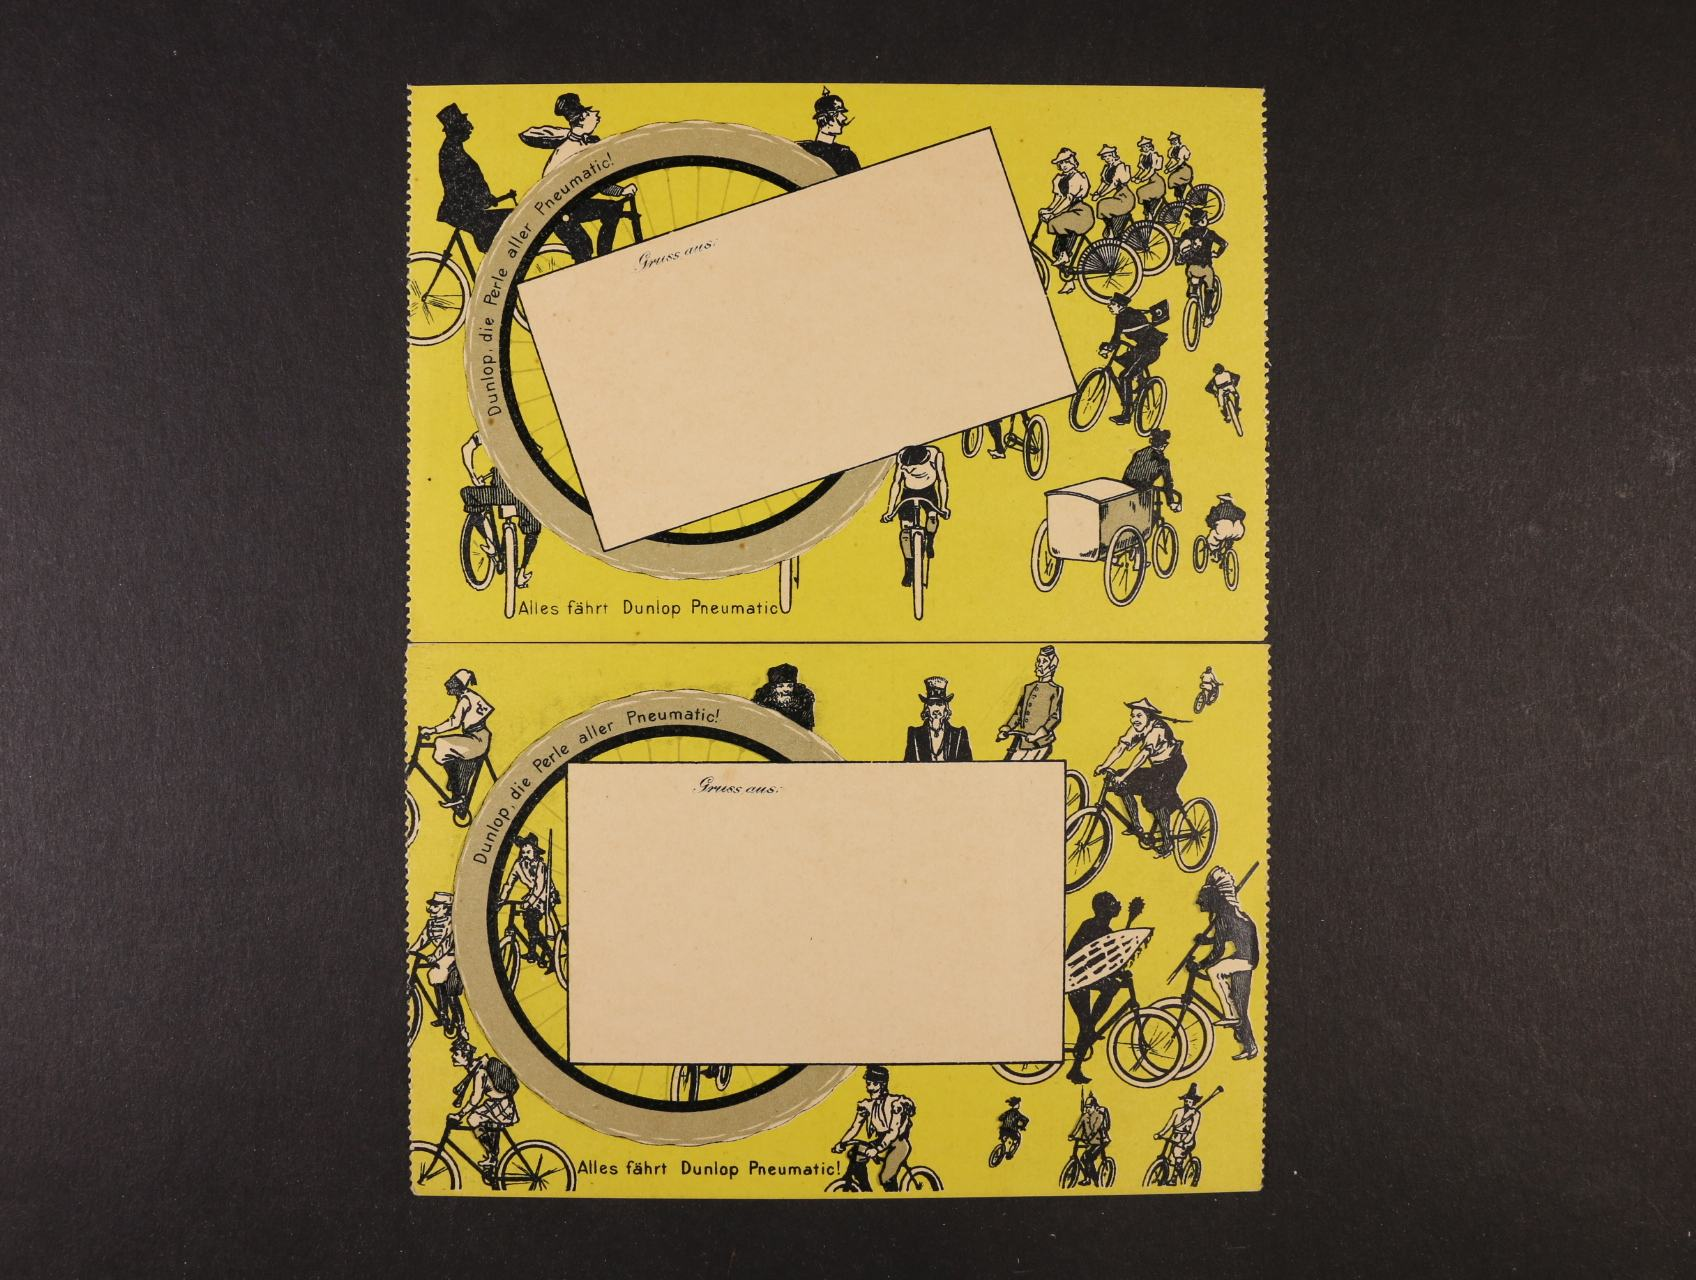 Cyklistika - dvě reklamní koláže fy. DUNLOP, nepoužité